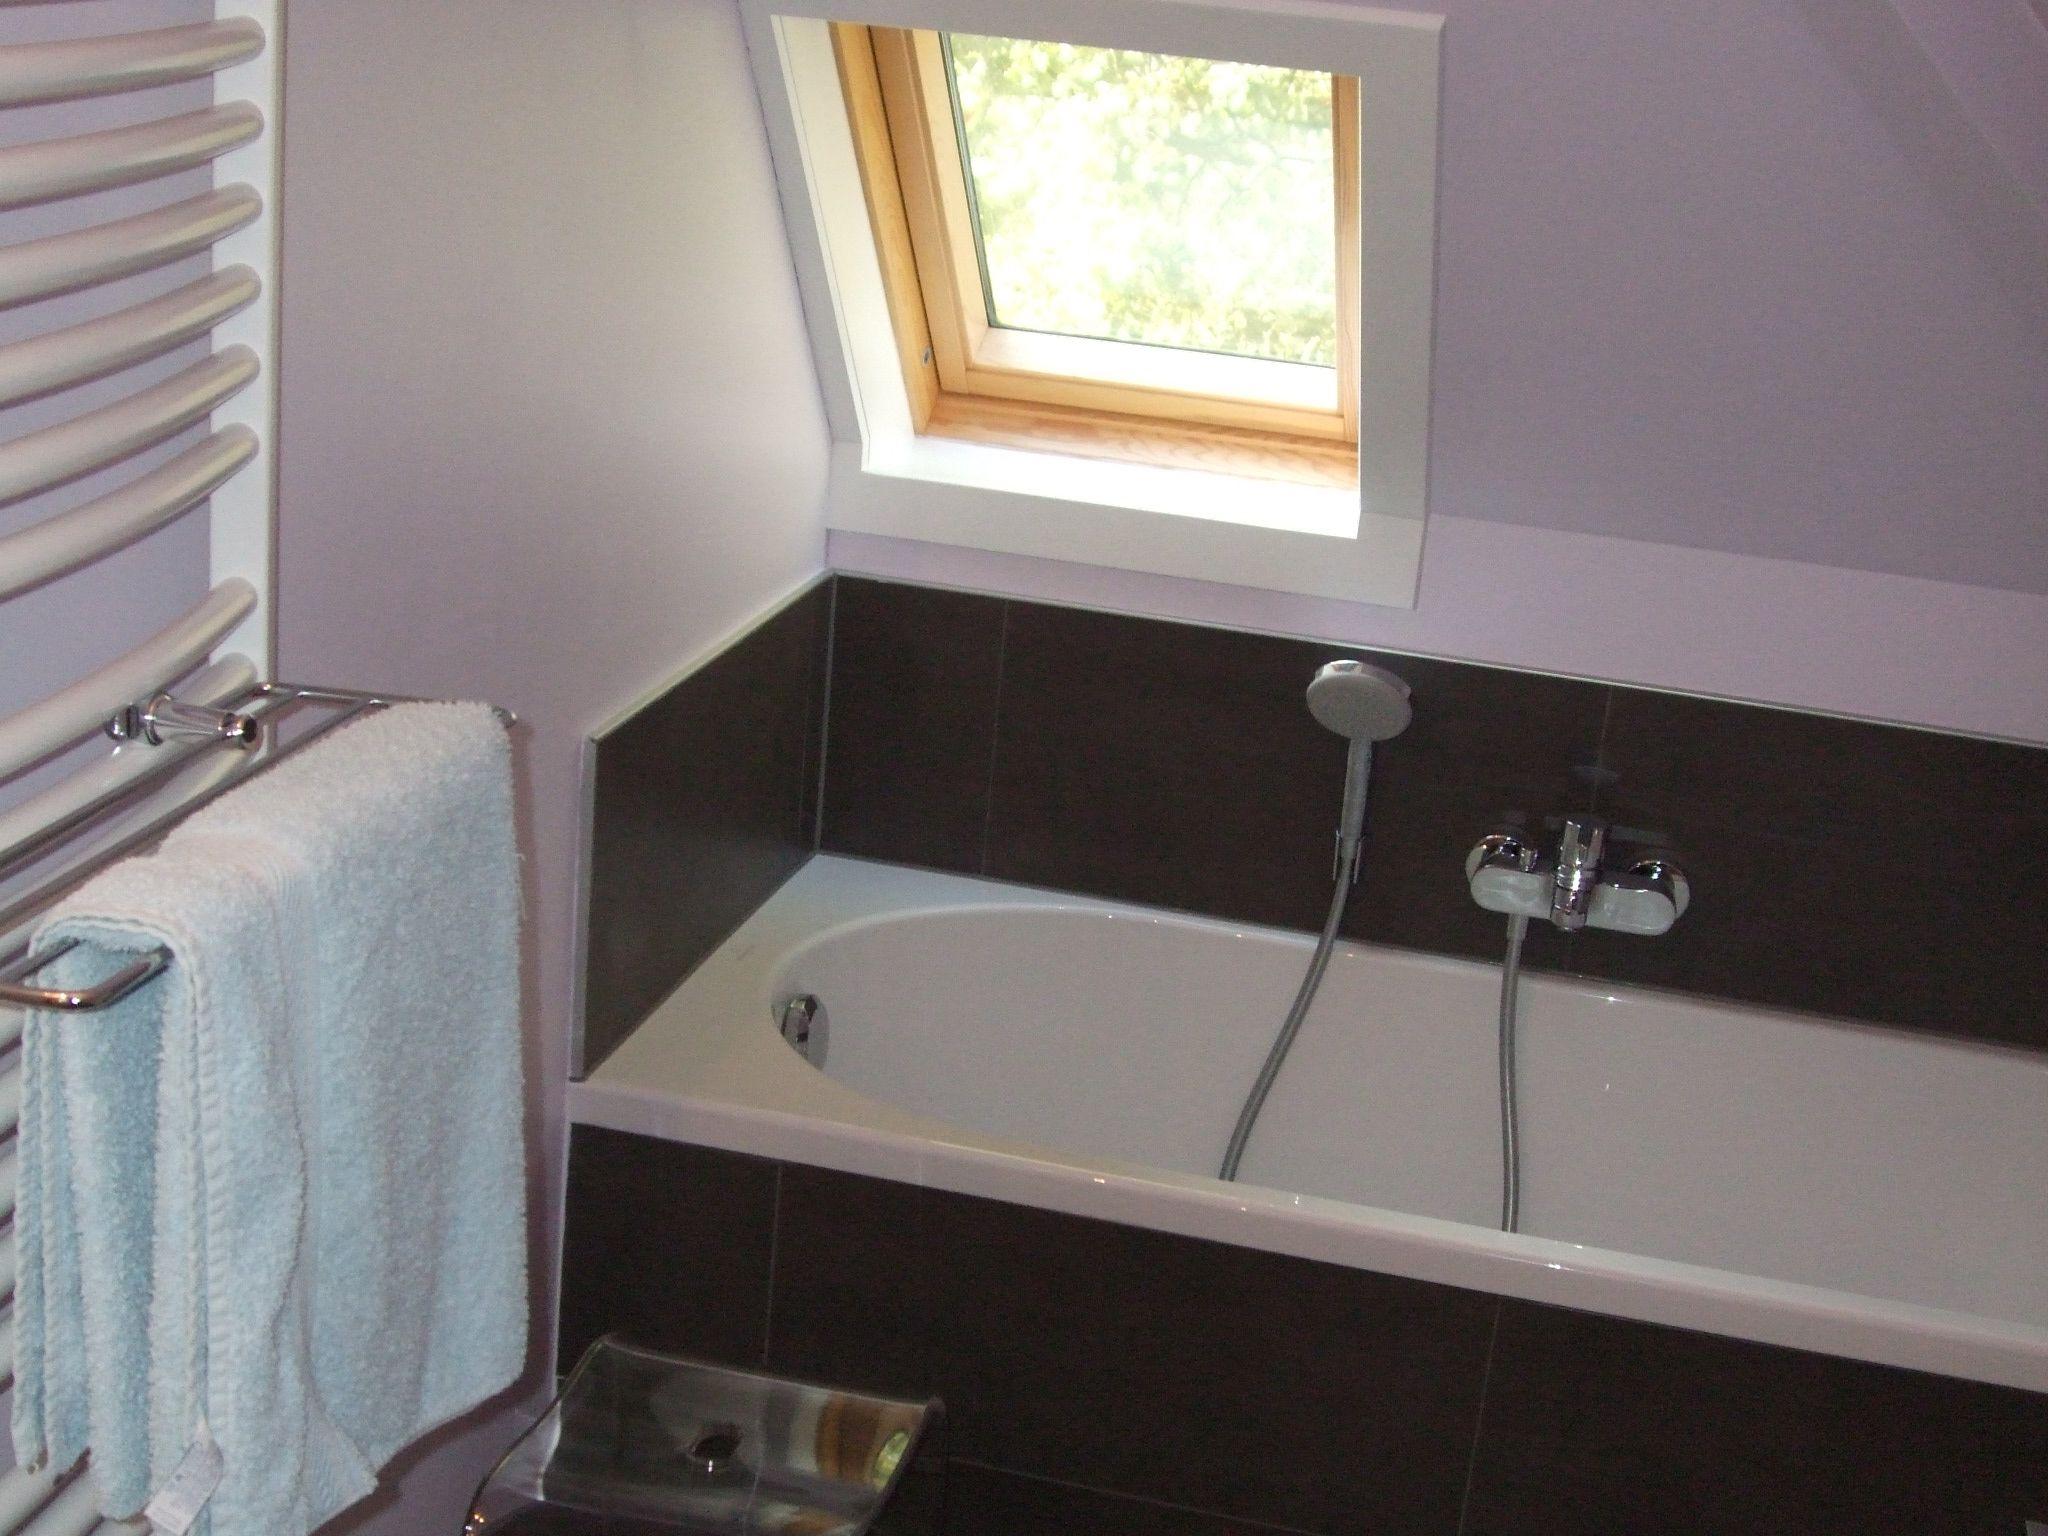 bad onder schuin dak bad villeroy boch o novo bad pinterest. Black Bedroom Furniture Sets. Home Design Ideas